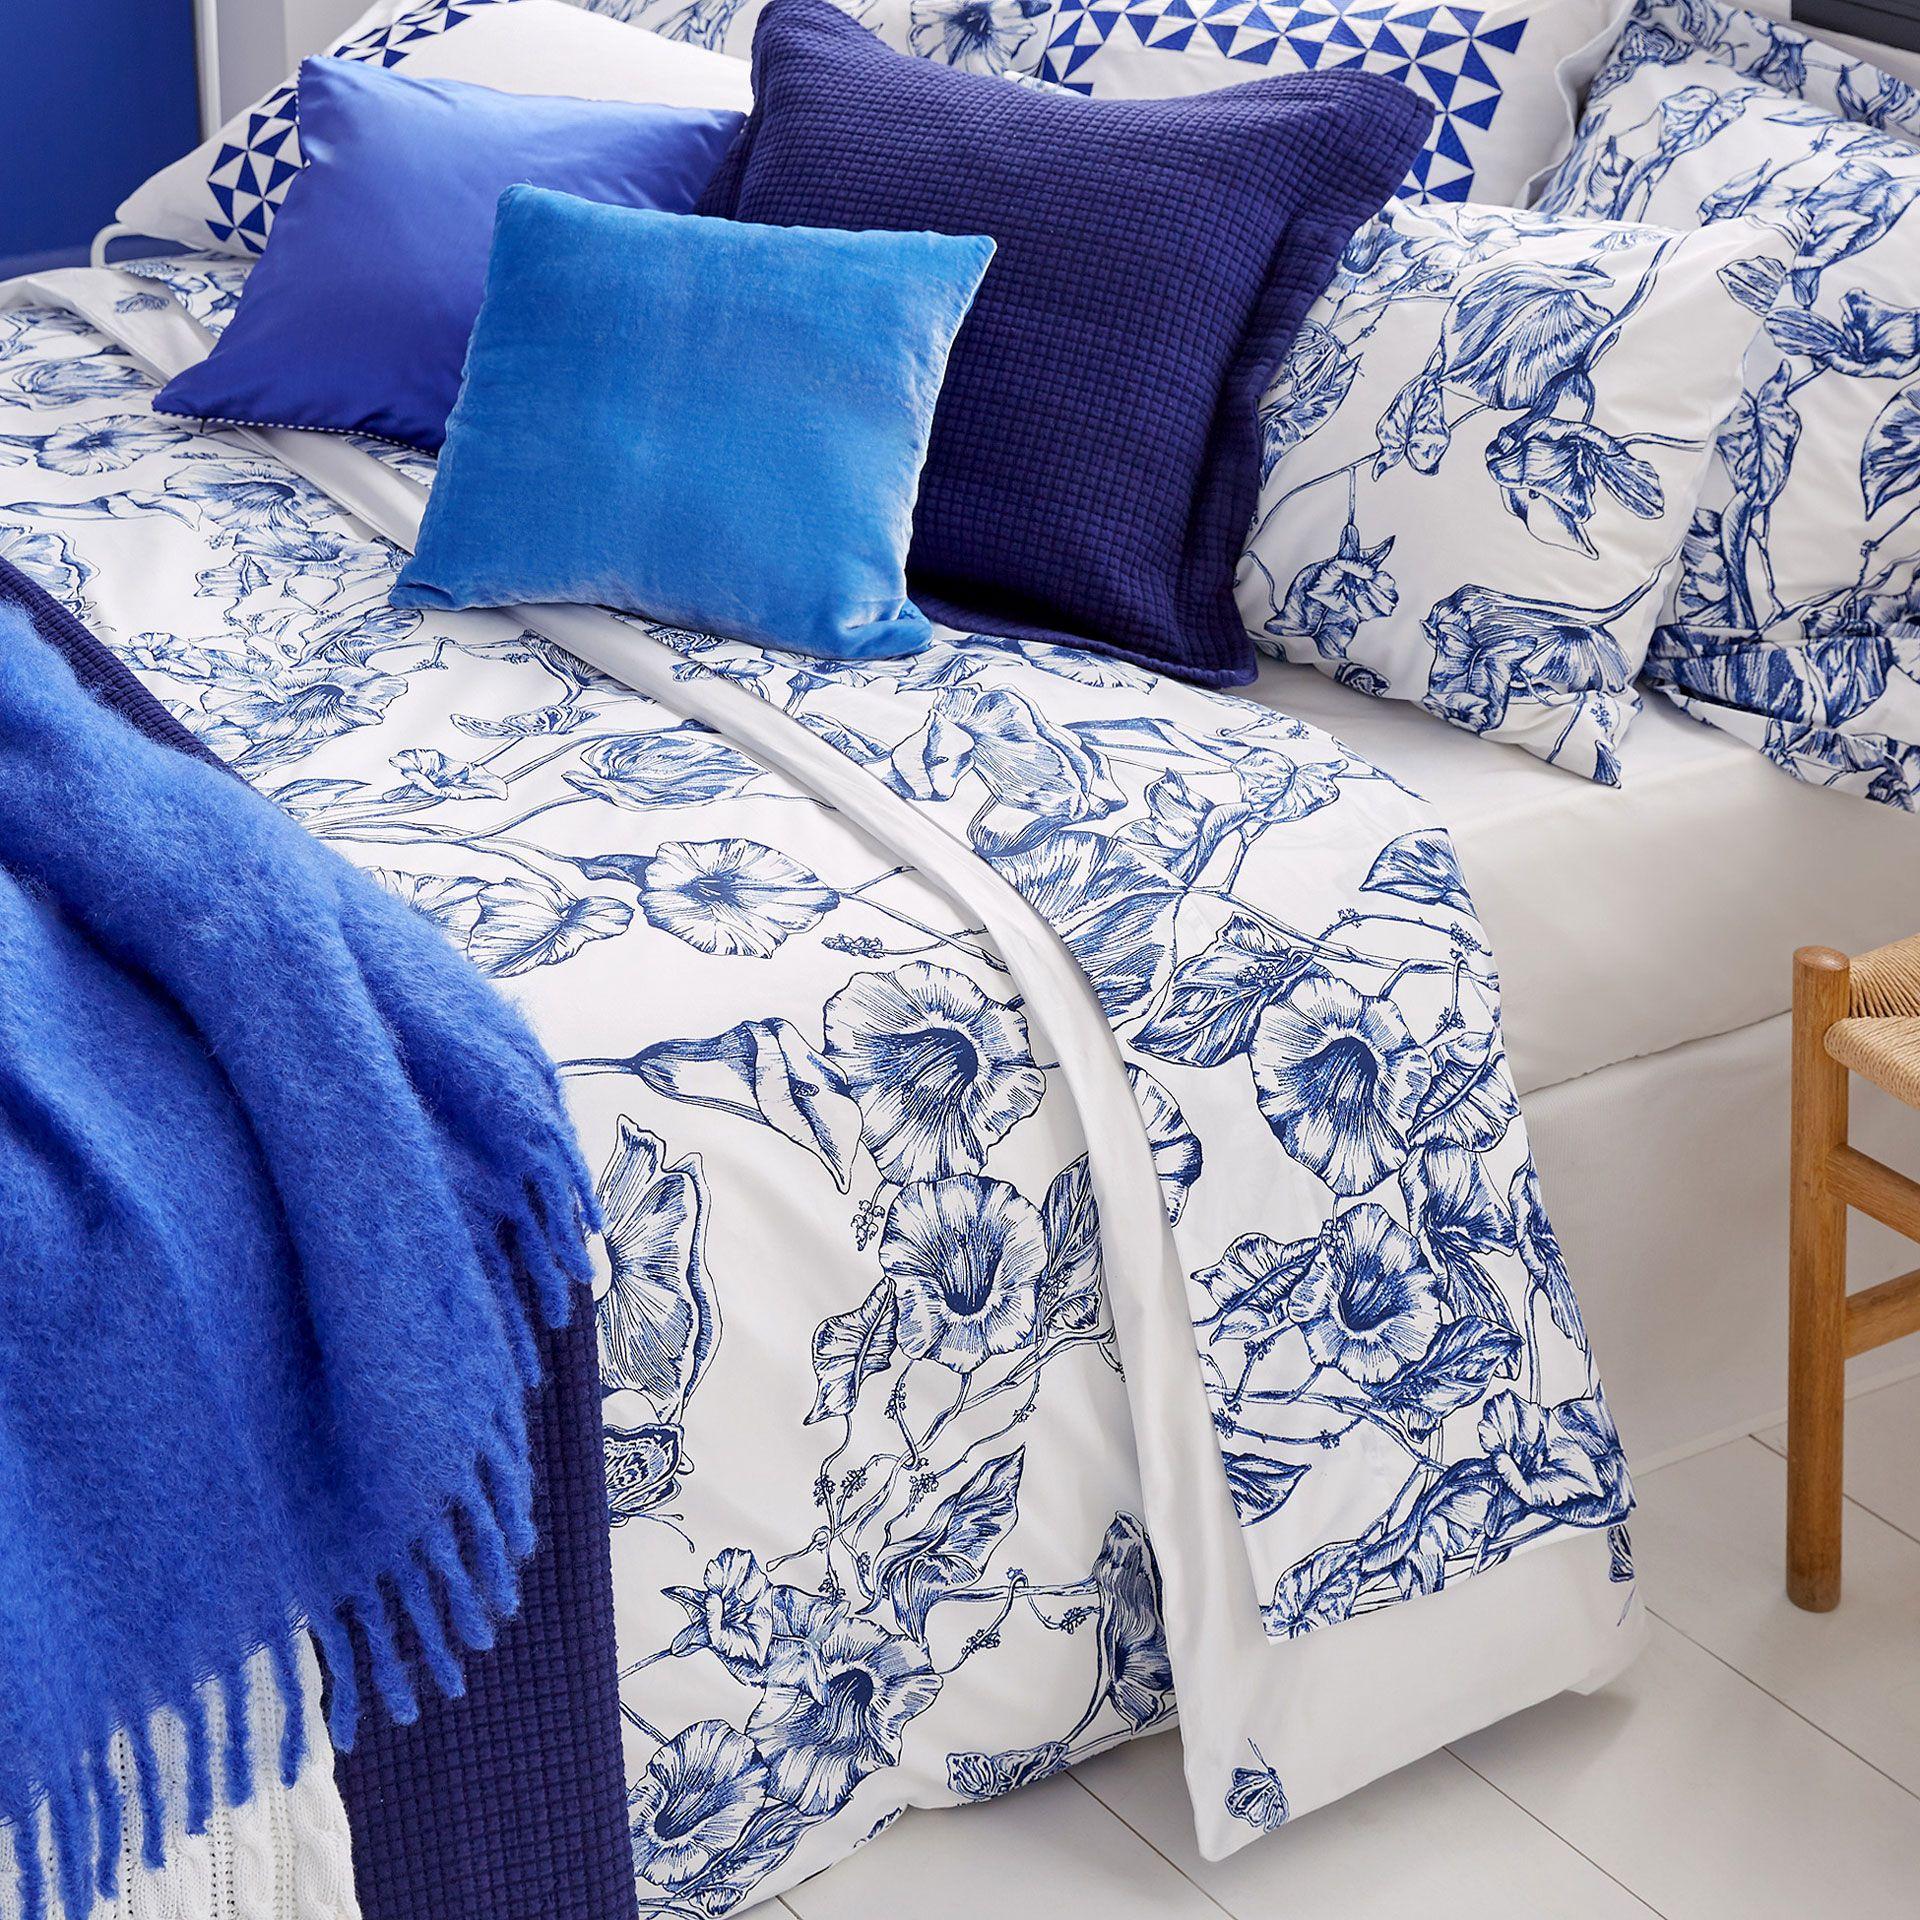 linge de lit coton percale imprim fleur linge de lit. Black Bedroom Furniture Sets. Home Design Ideas